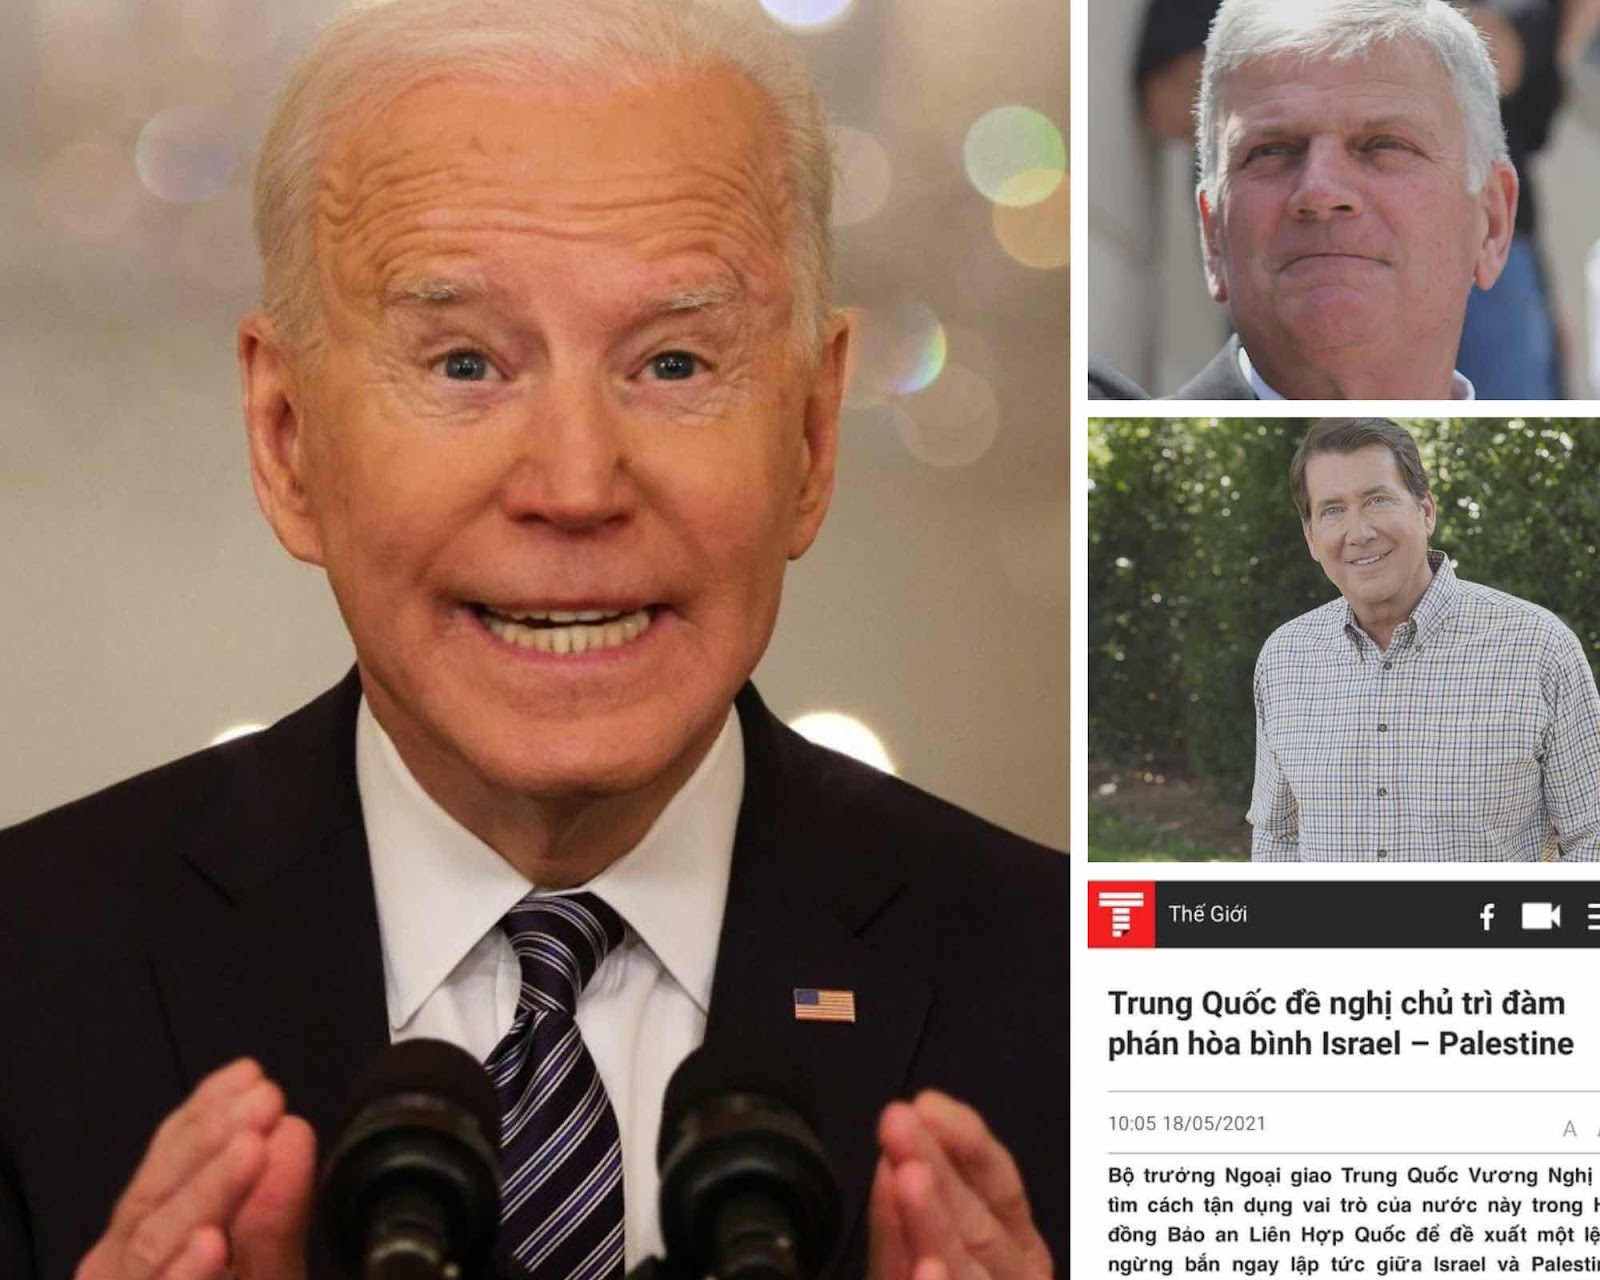 Ngày tàn của bạo chúa - Joe Biden lâm bệnh nặng, sắp xin từ chức vì quá áp lực?- Mỹ lên kịch bản thay thế nhân vật mới?